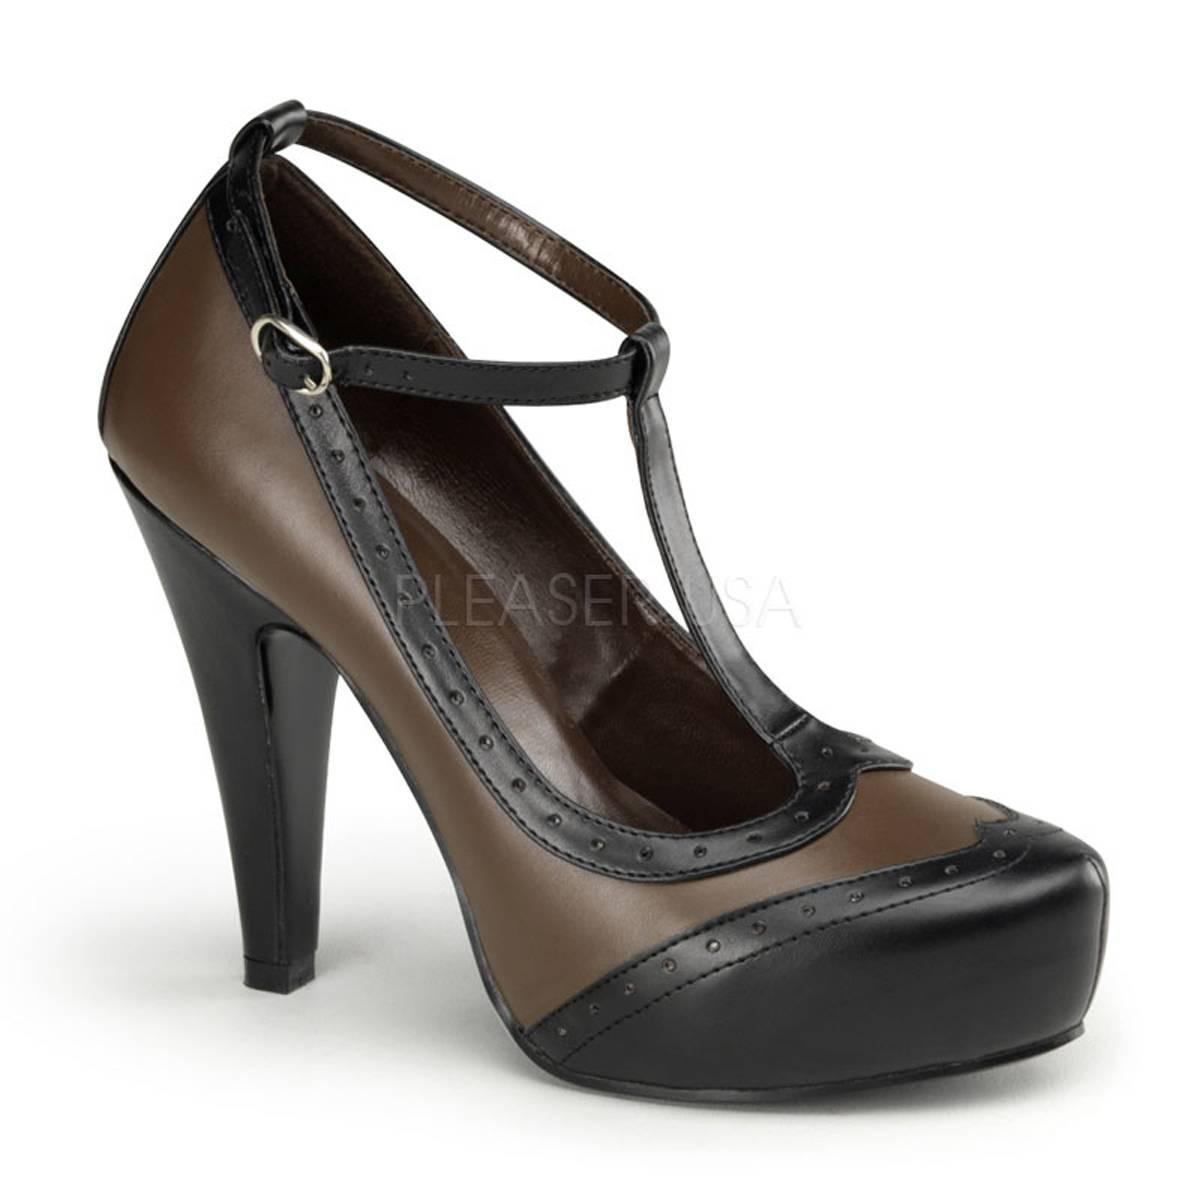 Pumps - BETTIE 22 ° Damen Pumps ° Schwarz Braun Matt ° Pin Up Couture  - Onlineshop RedSixty